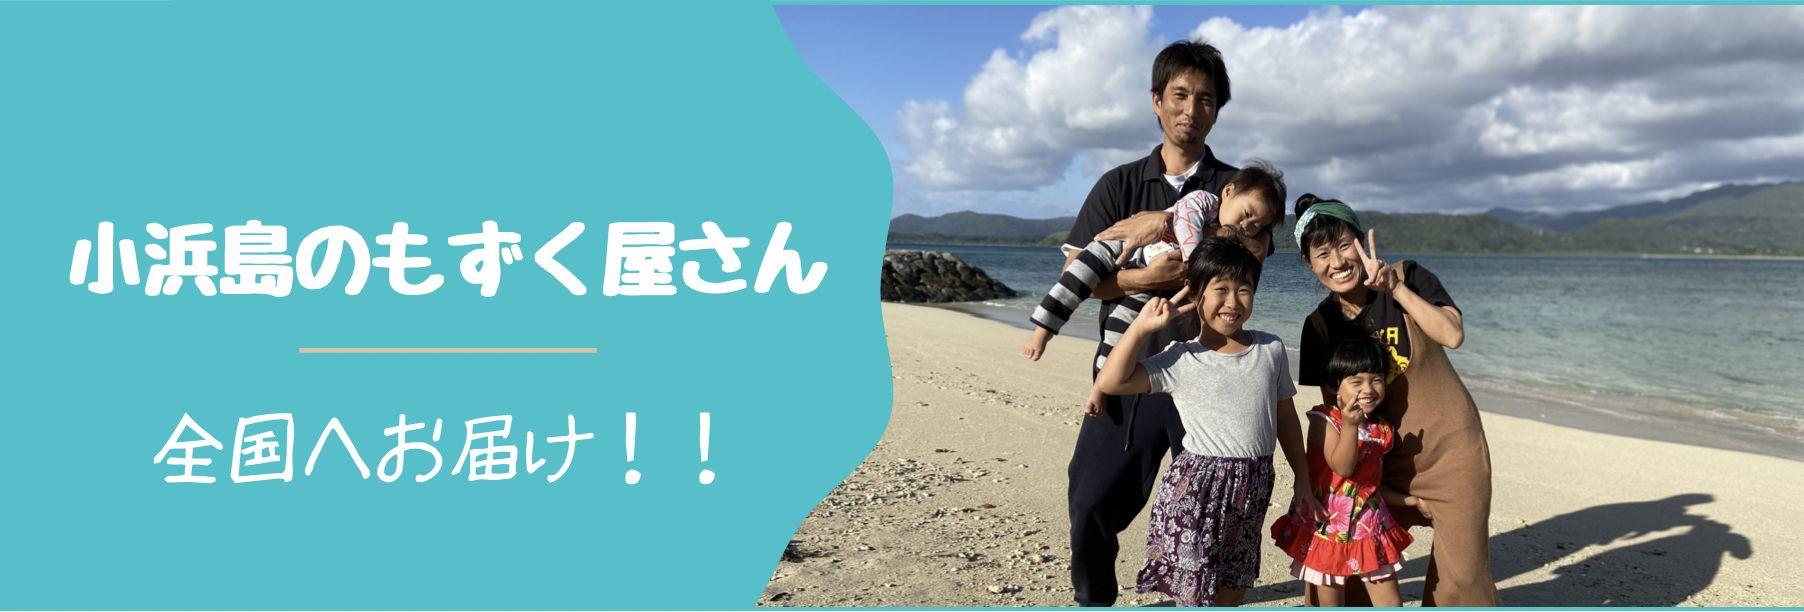 小浜島のもずく屋さん